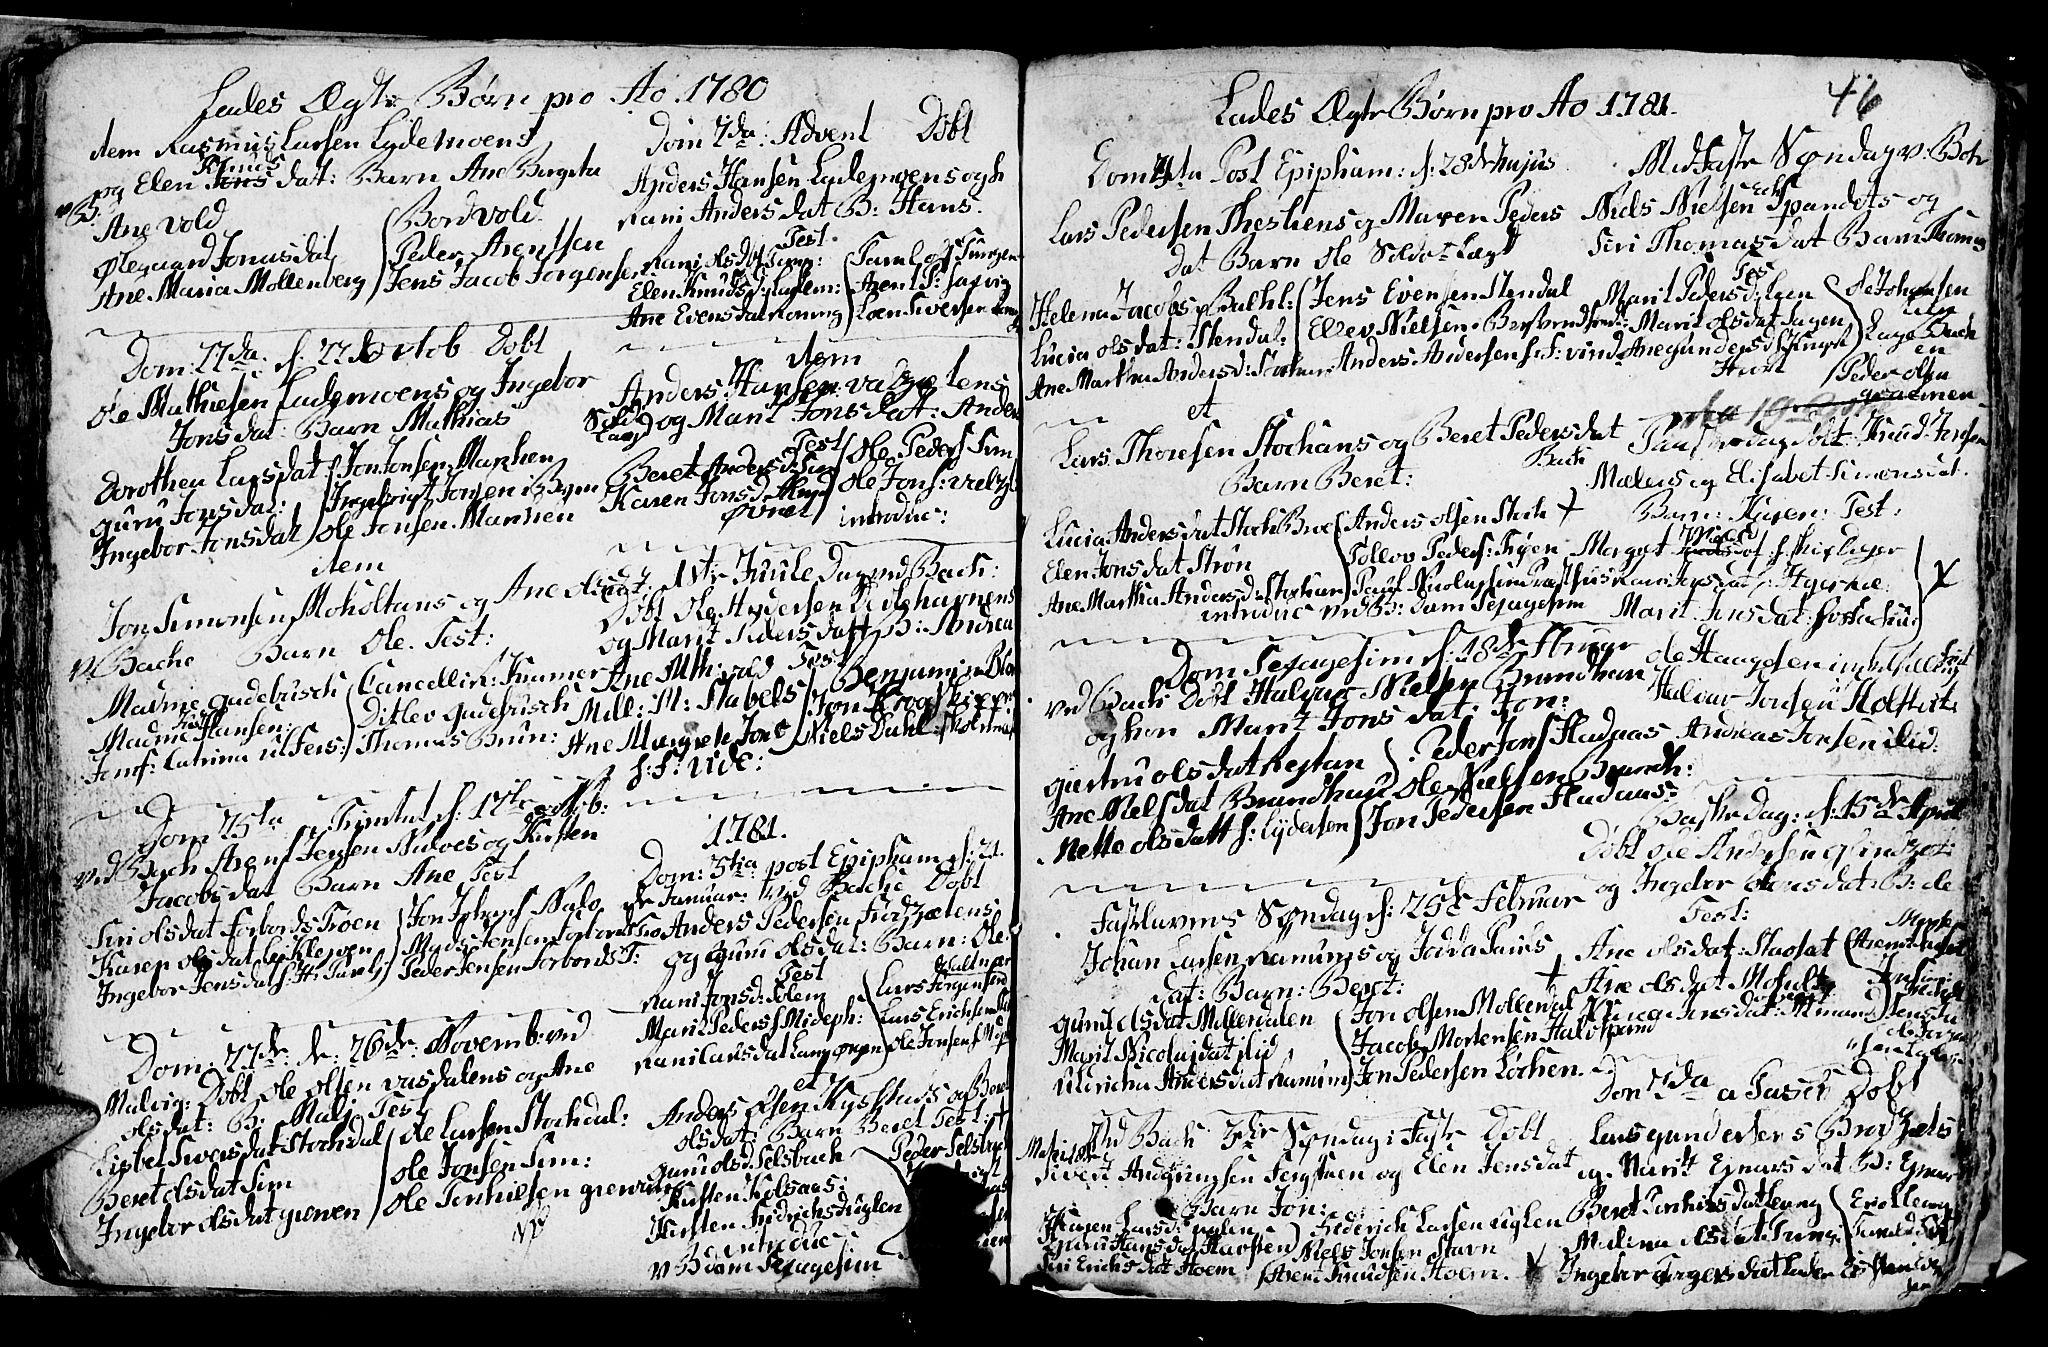 SAT, Ministerialprotokoller, klokkerbøker og fødselsregistre - Sør-Trøndelag, 606/L0305: Klokkerbok nr. 606C01, 1757-1819, s. 46